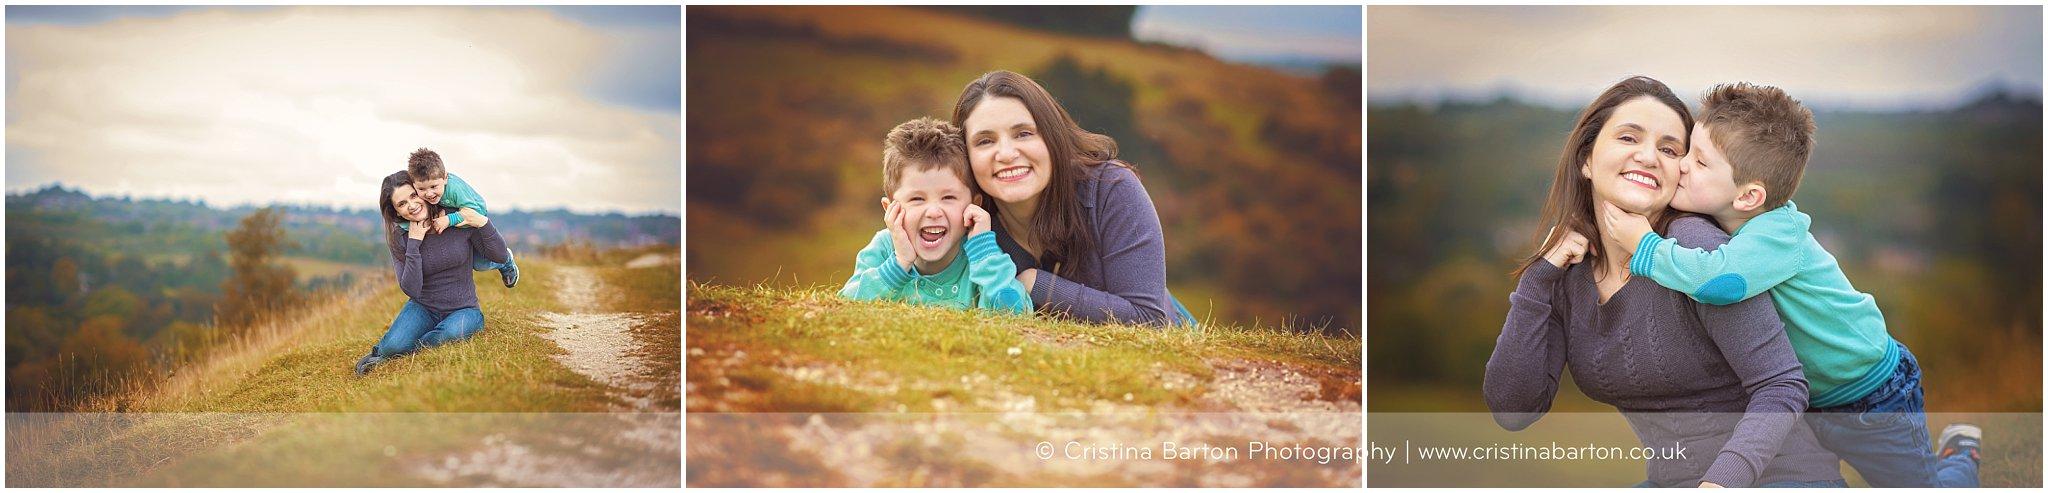 winchester family photos